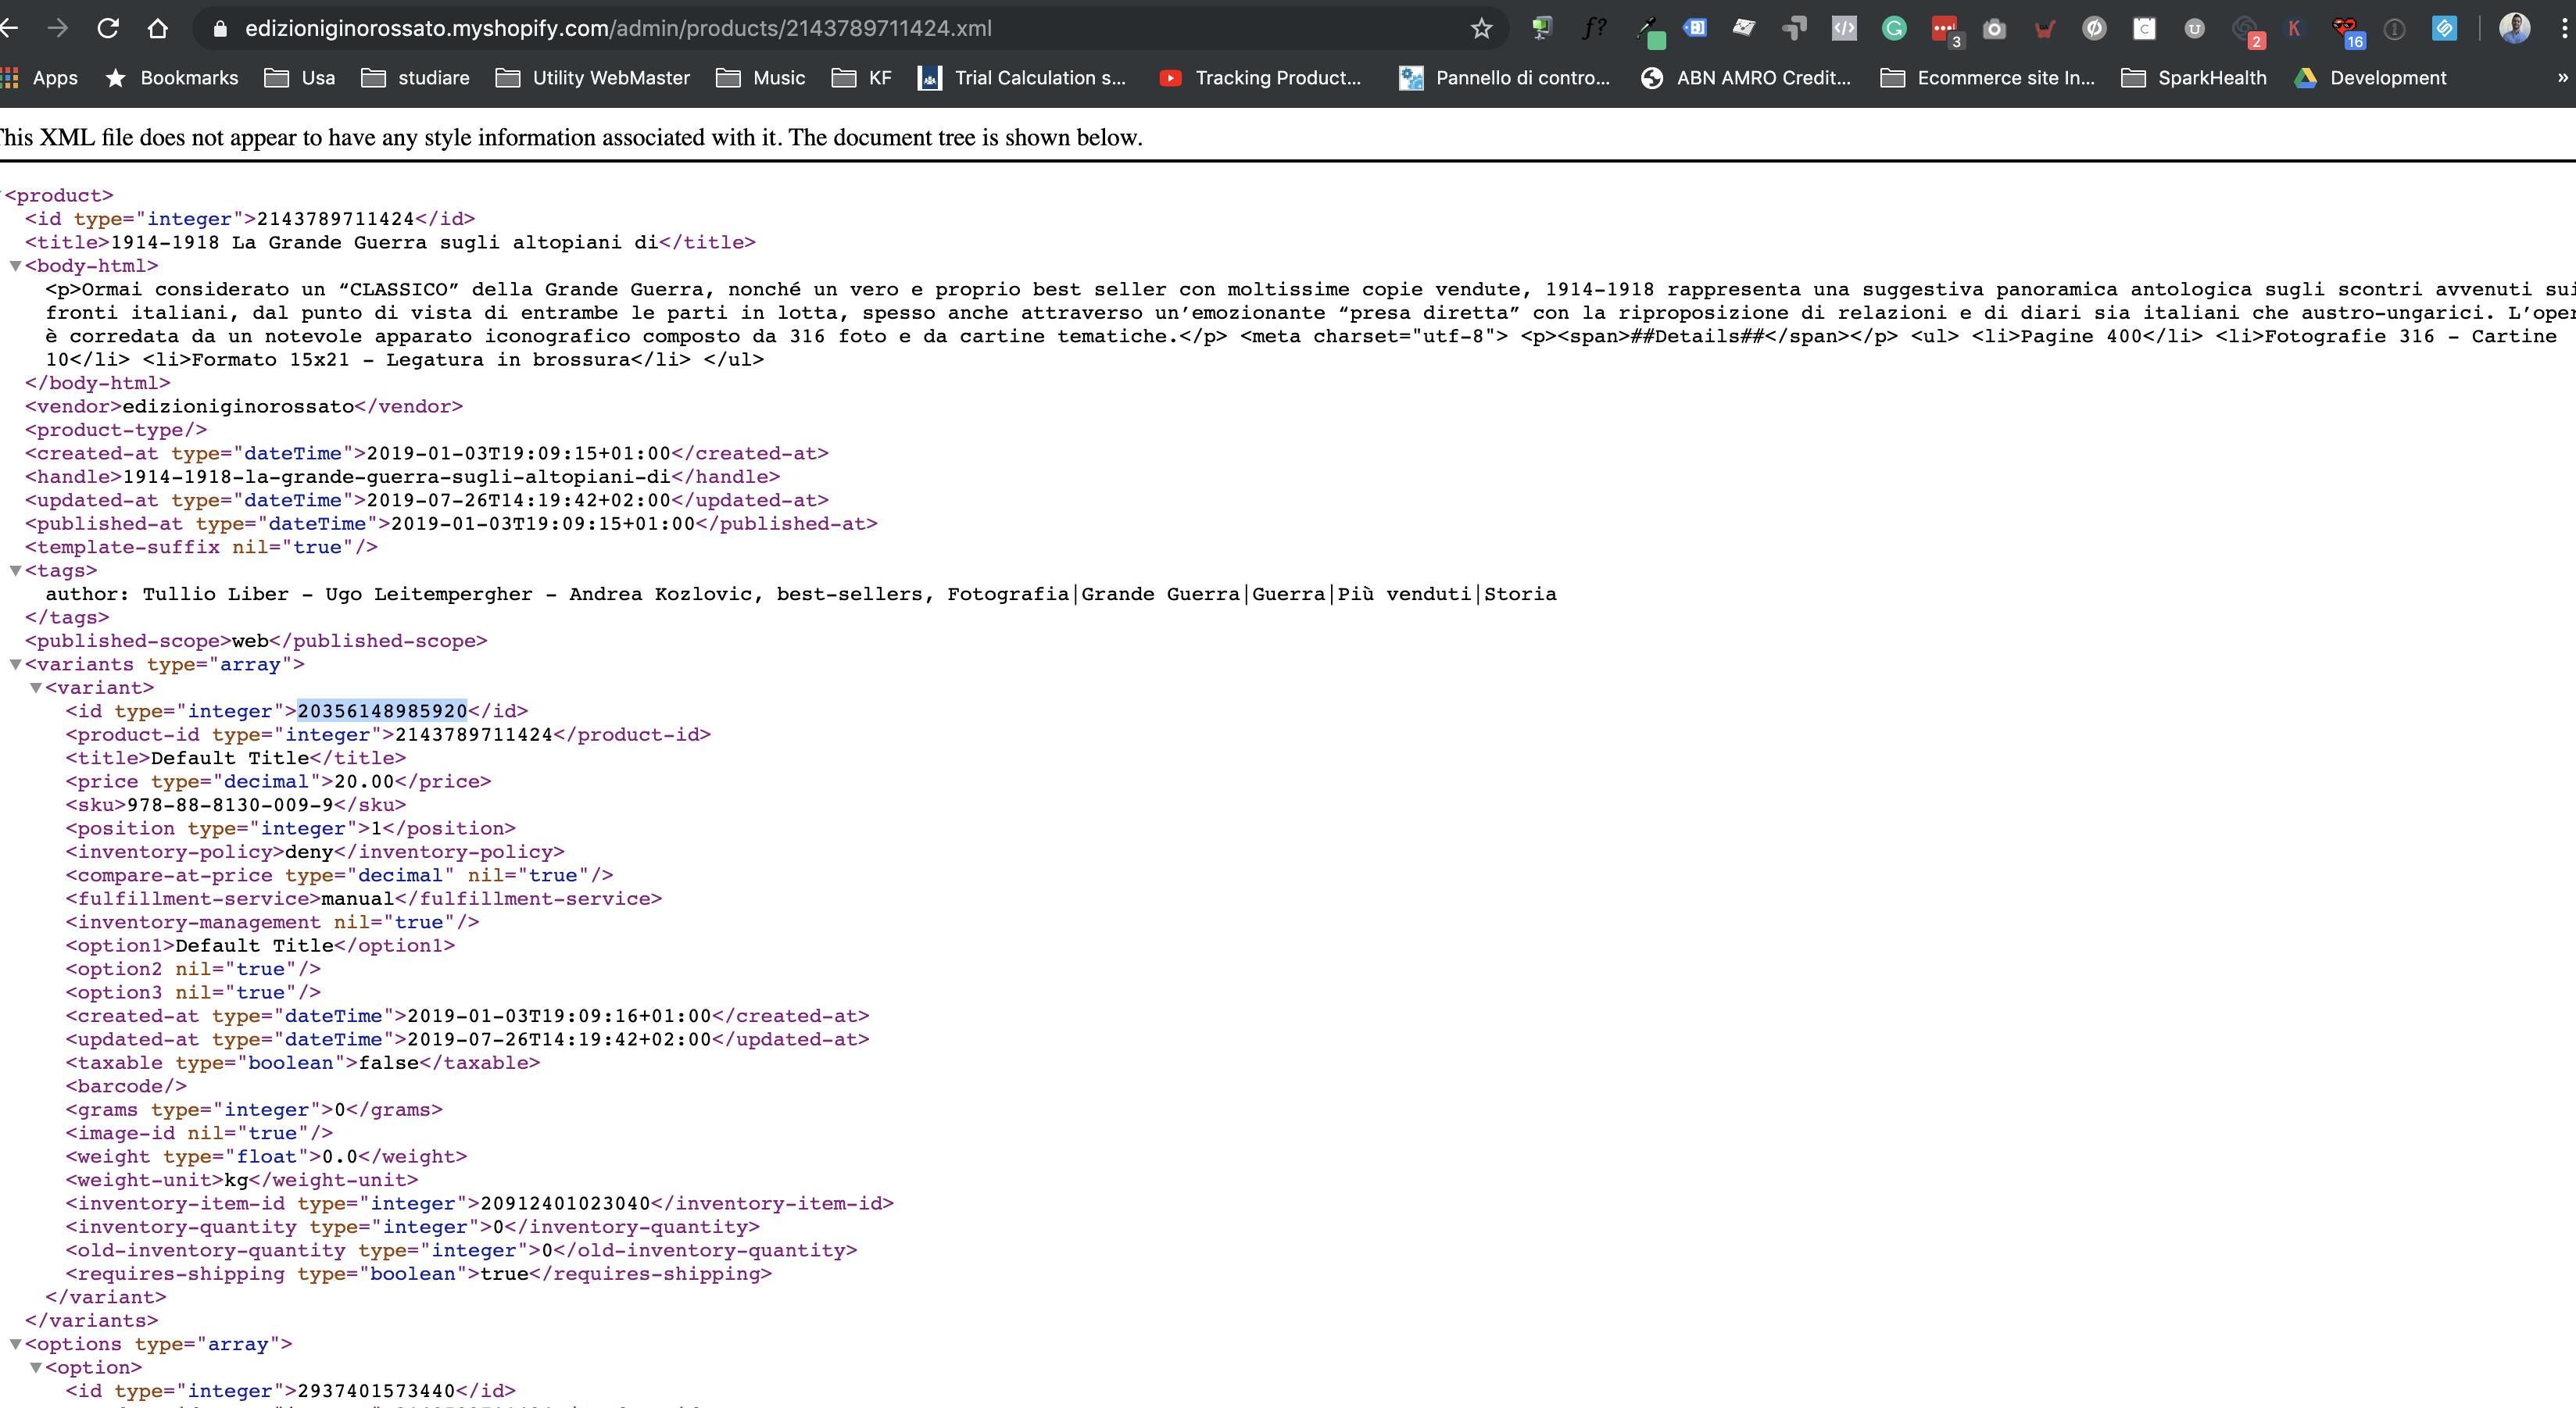 Screenshot 2019-08-25 at 16.45.24.png